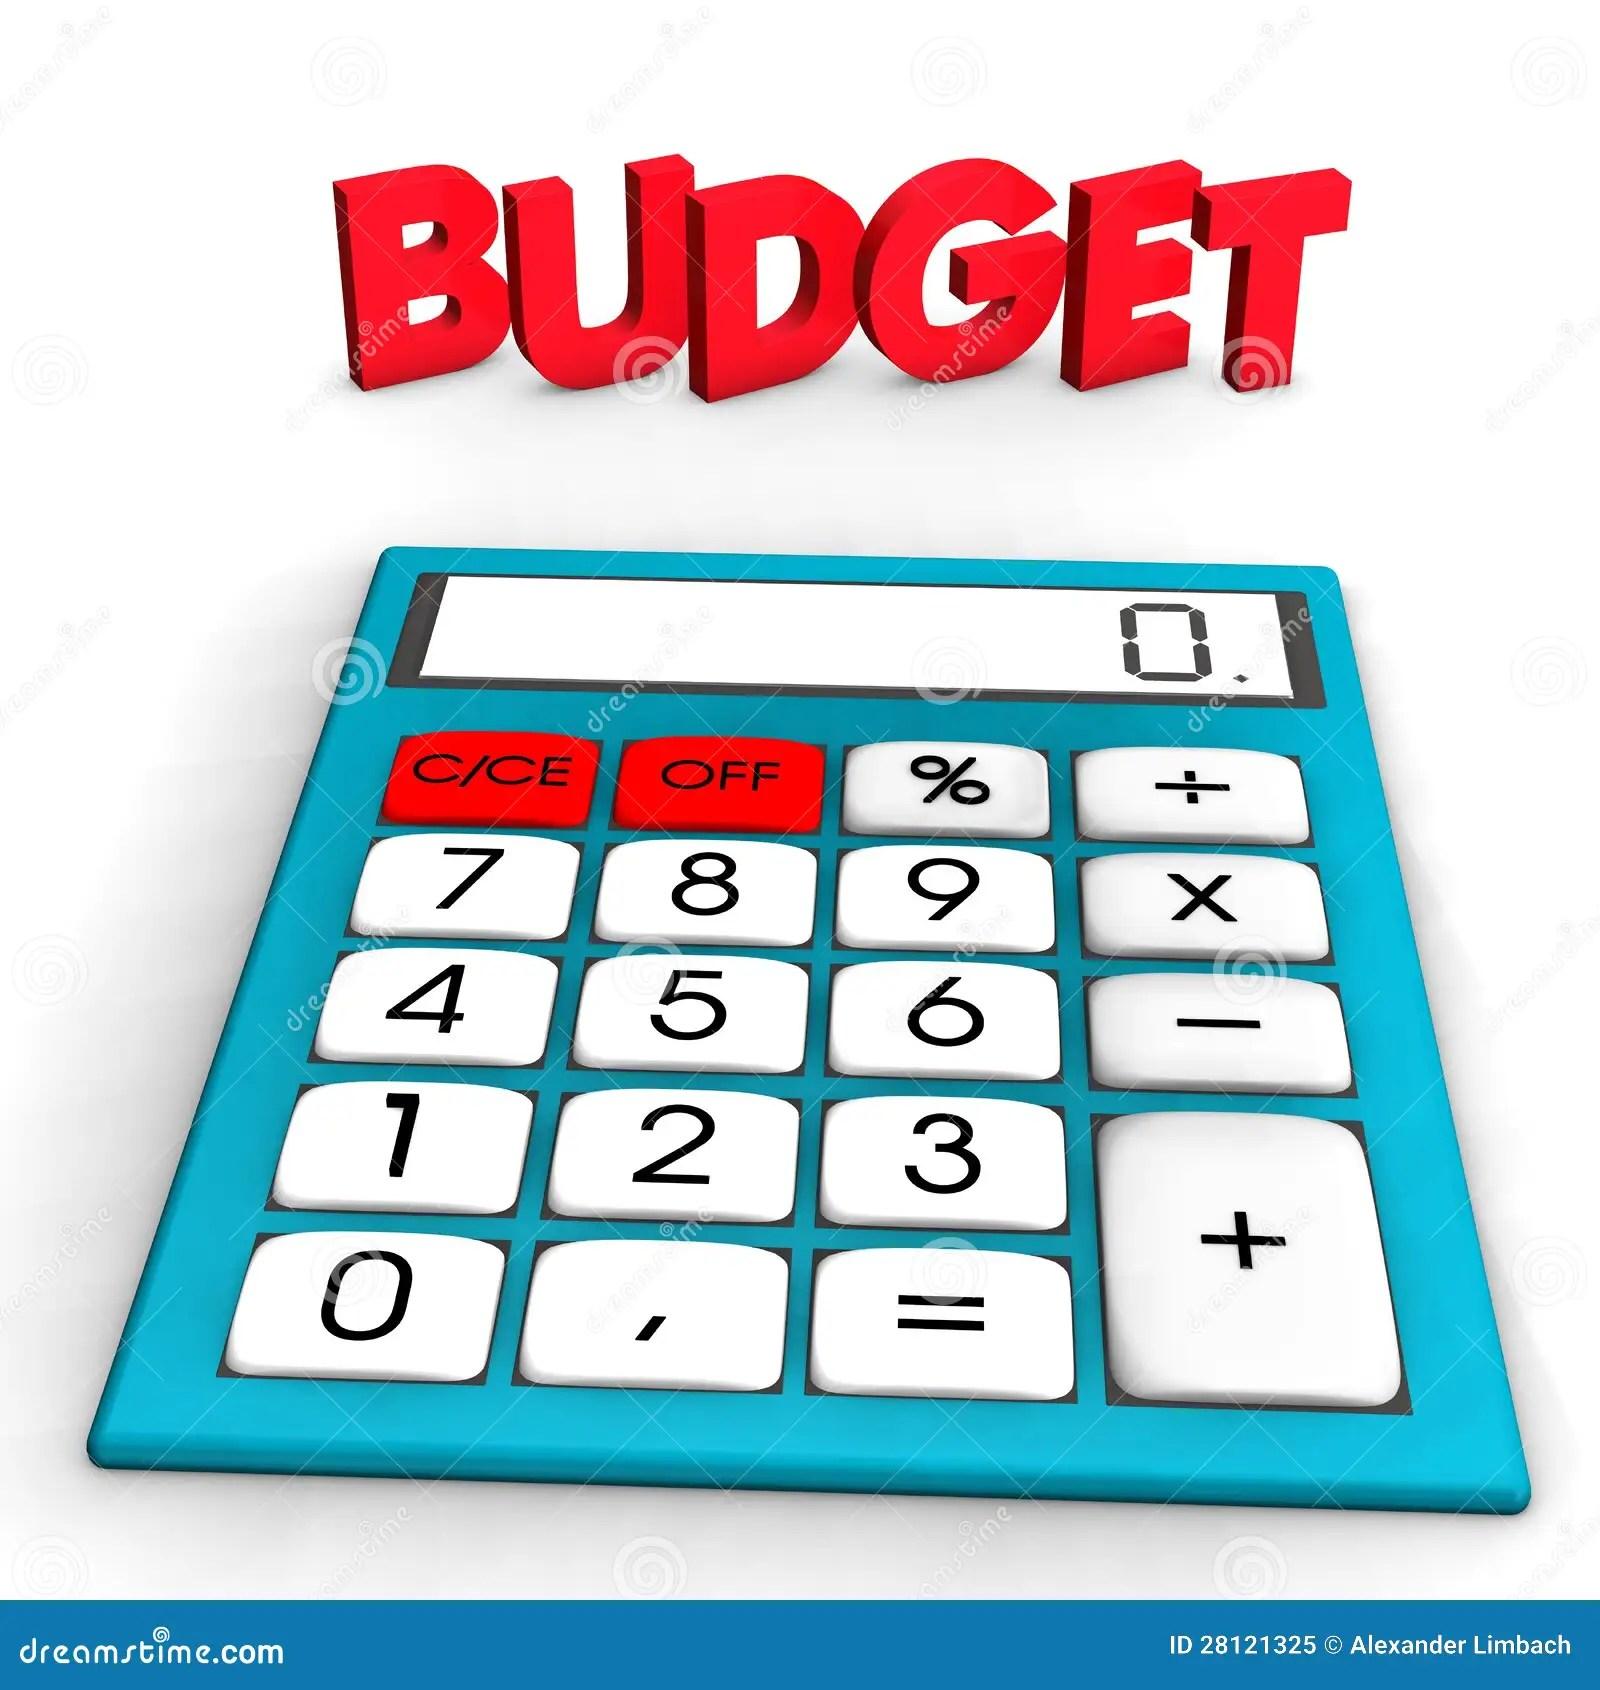 budget calculators free - Tier.brianhenry.co